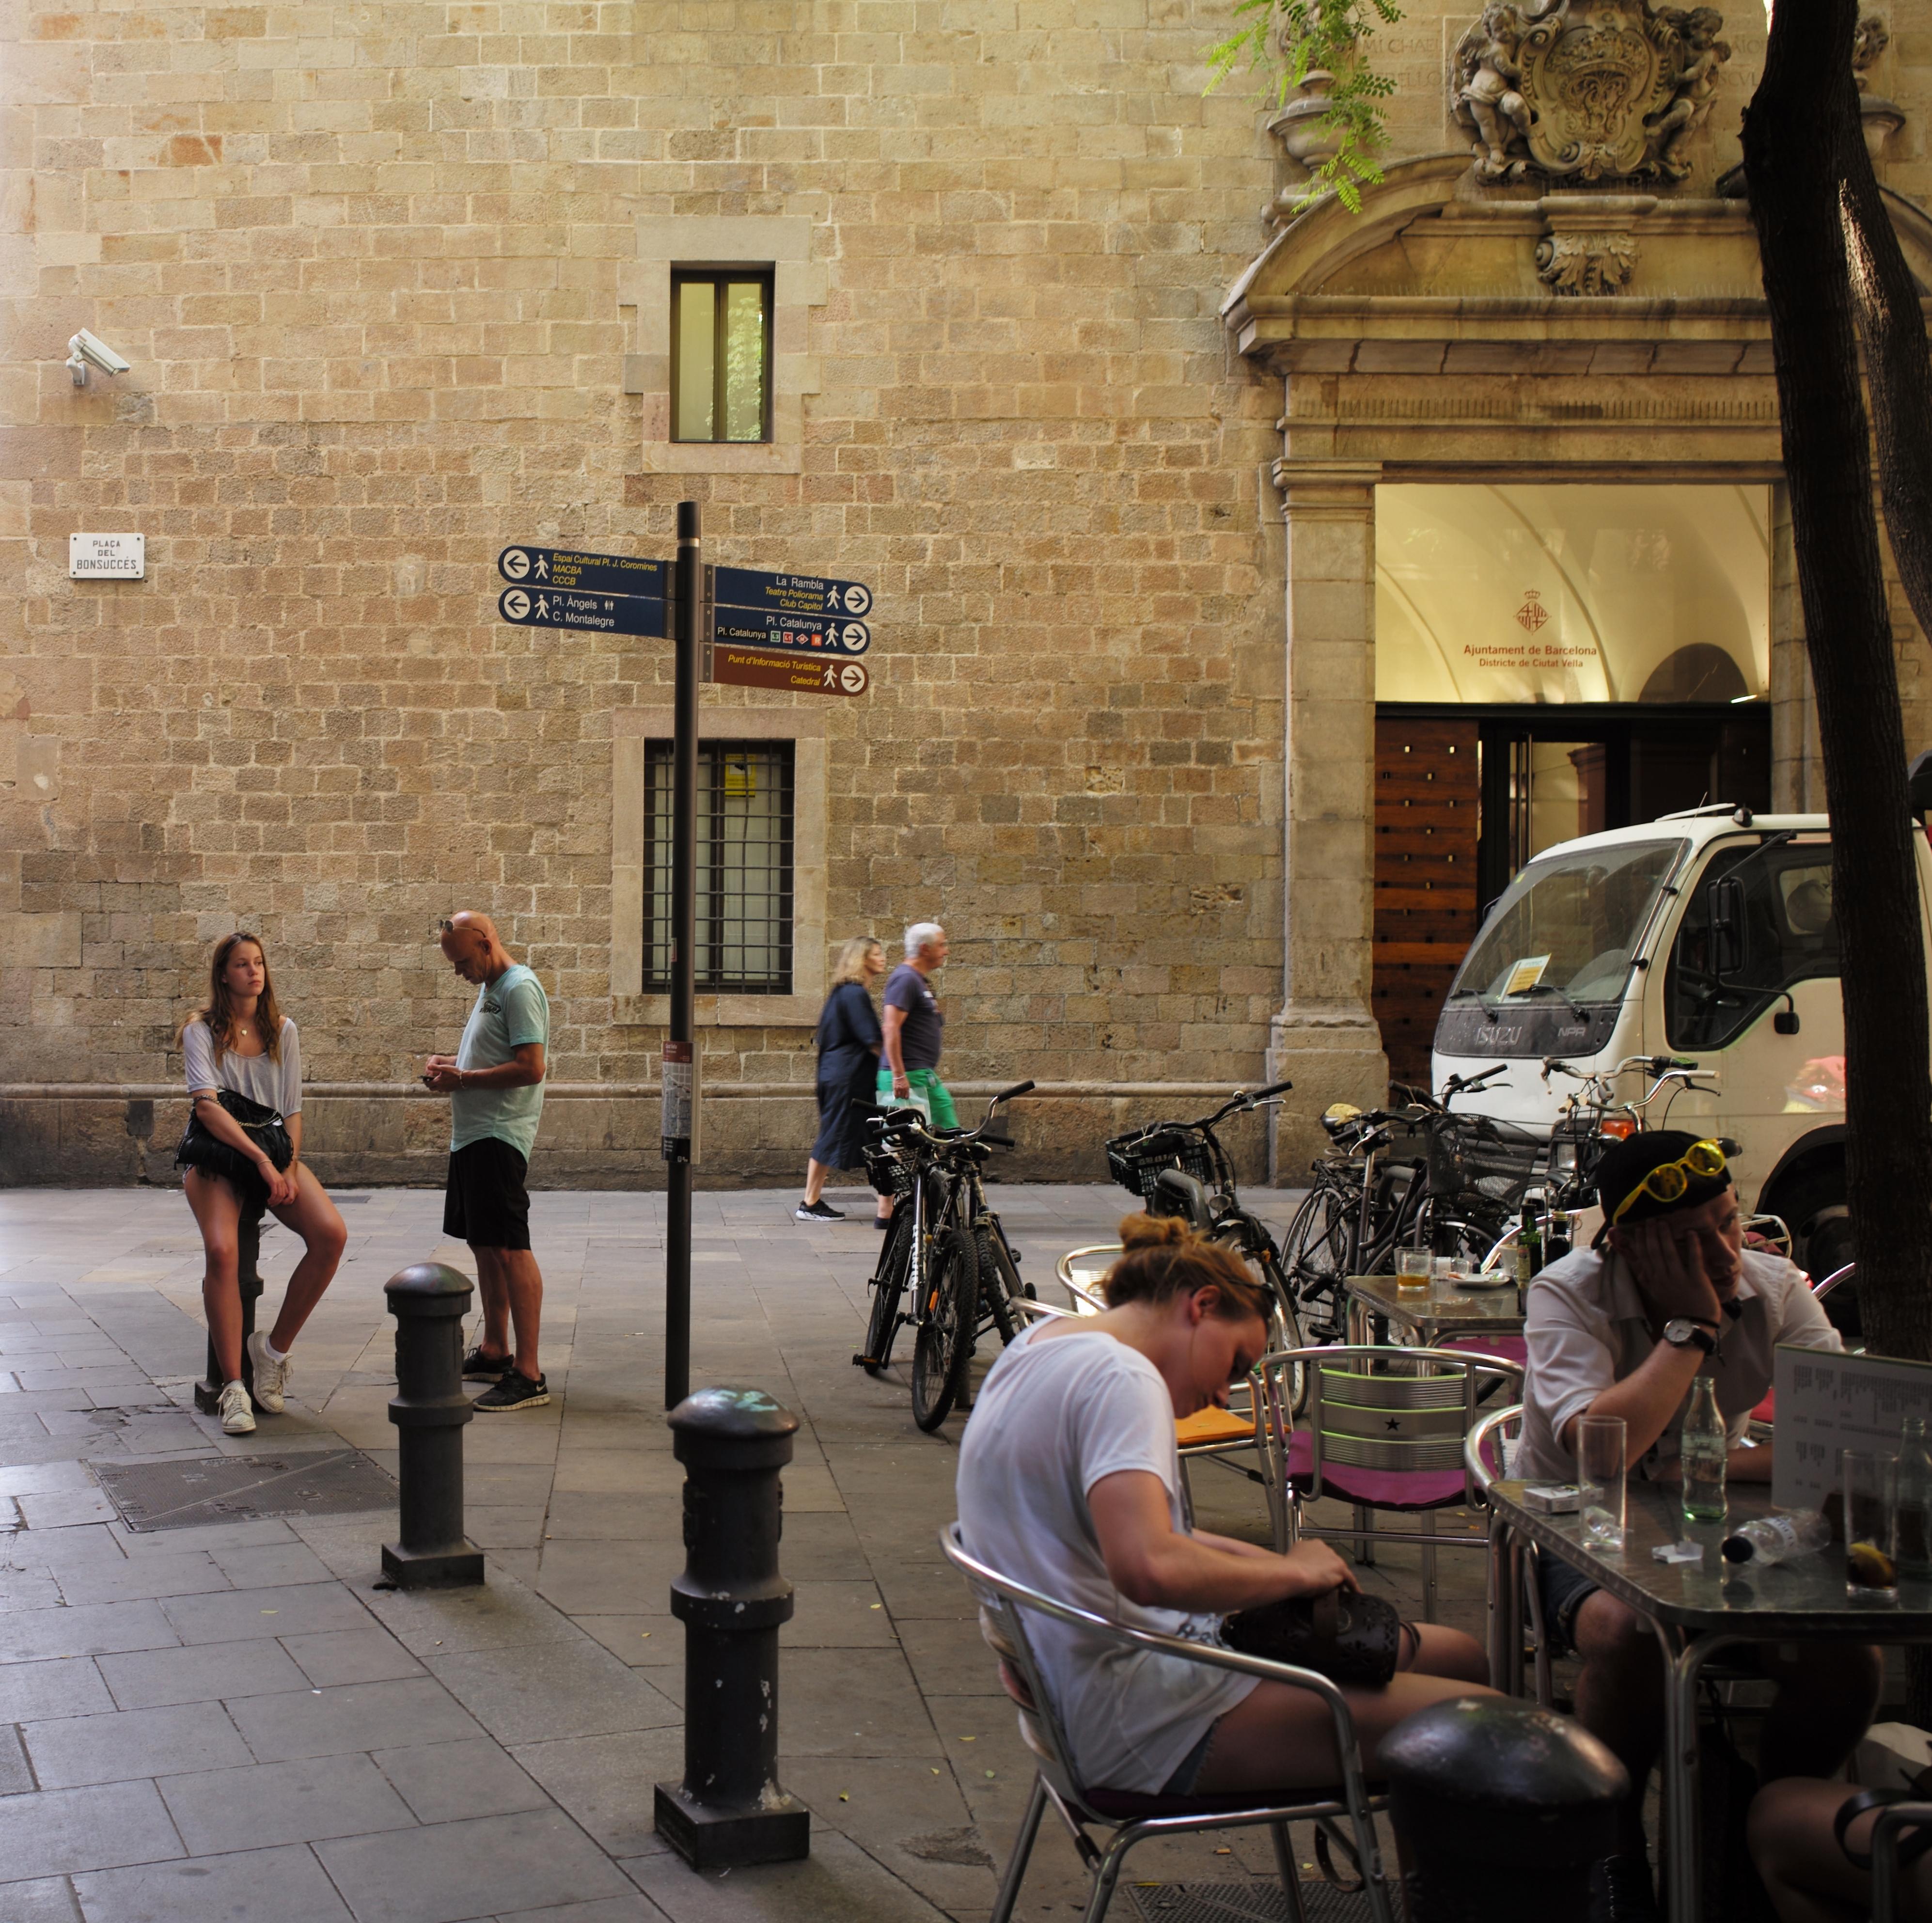 17h07 Barcelona de Chirico_0026 variante